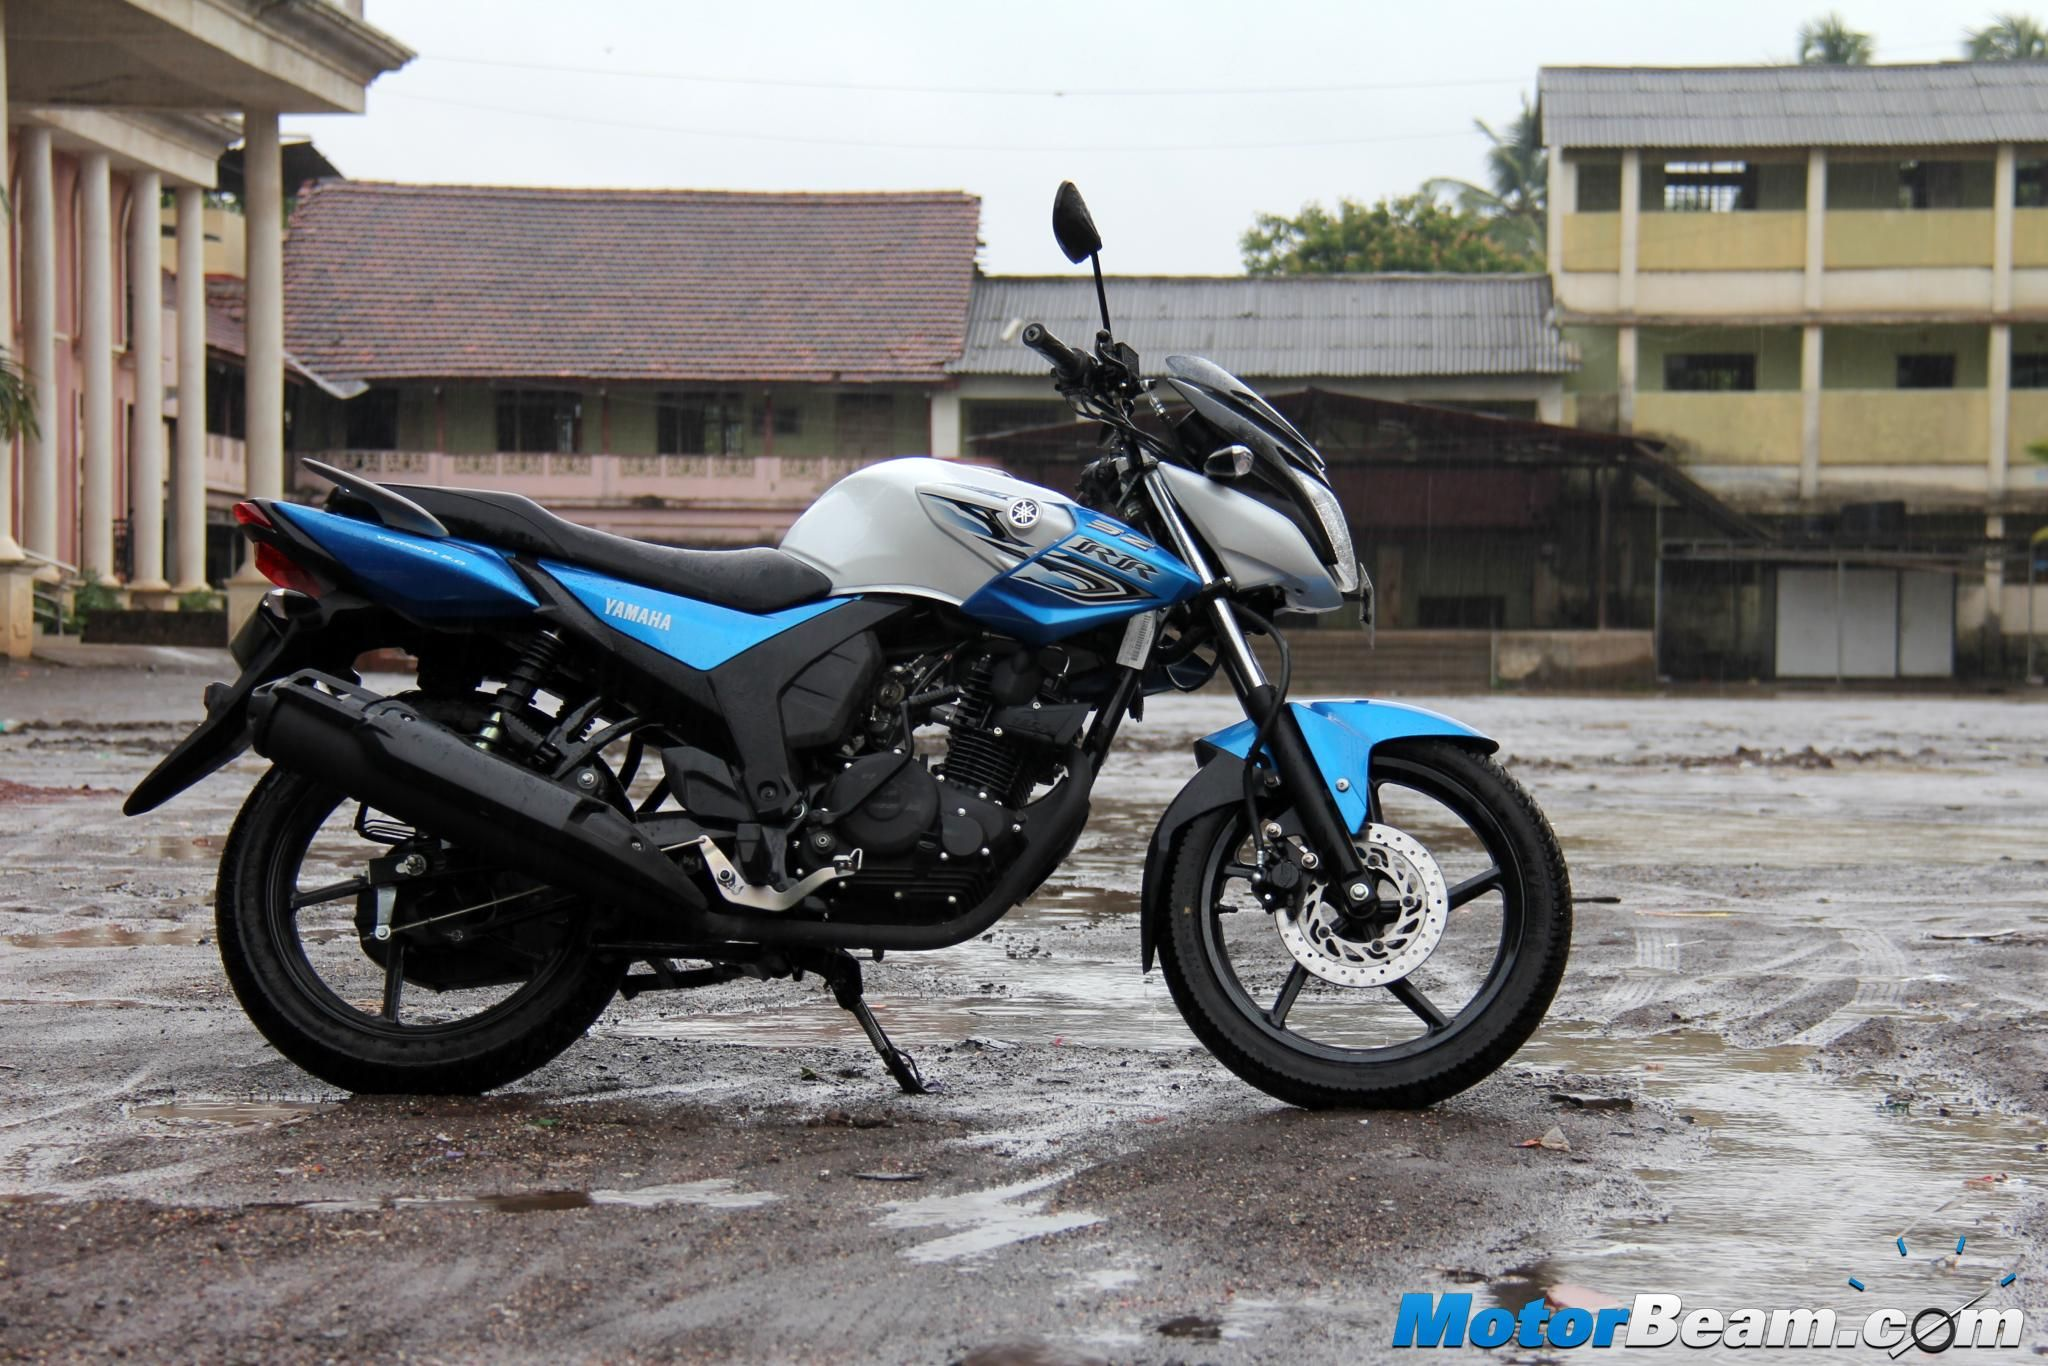 2015 Yamaha SZRR Version 2.0 Test Ride Review Yamaha